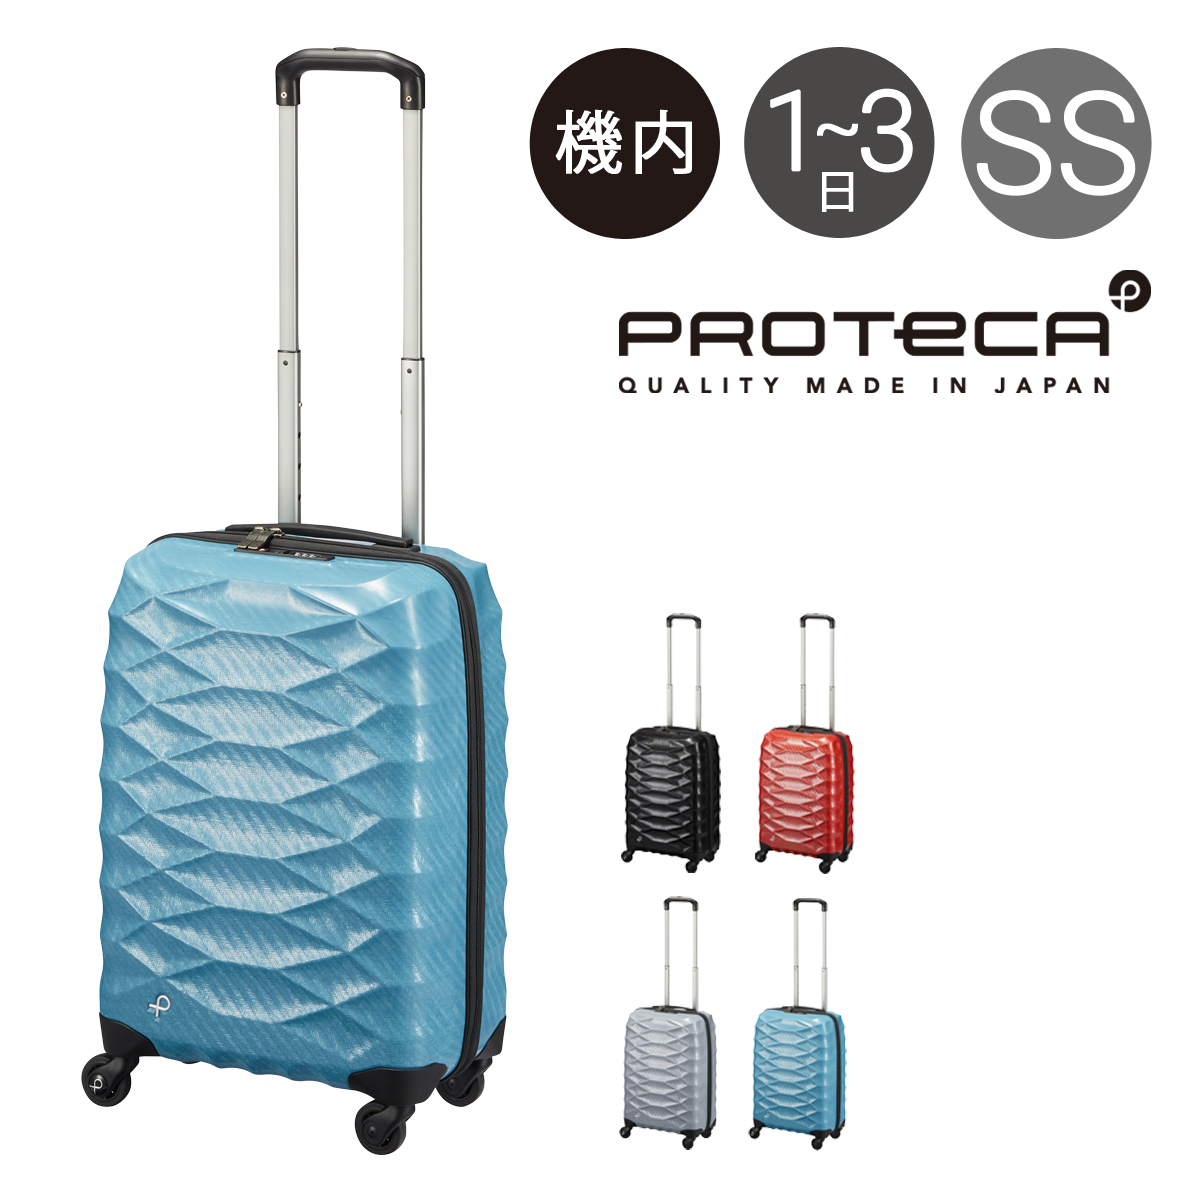 プロテカ スーツケース 機内持ち込み 37L 50cm 1.7kg エアロフレックスライト 01821 日本製 PROTECA ハード ファスナー キャリーバッグ キャリーケース 軽量 静音 TSAロック搭載 3年保証[PO10][bef]